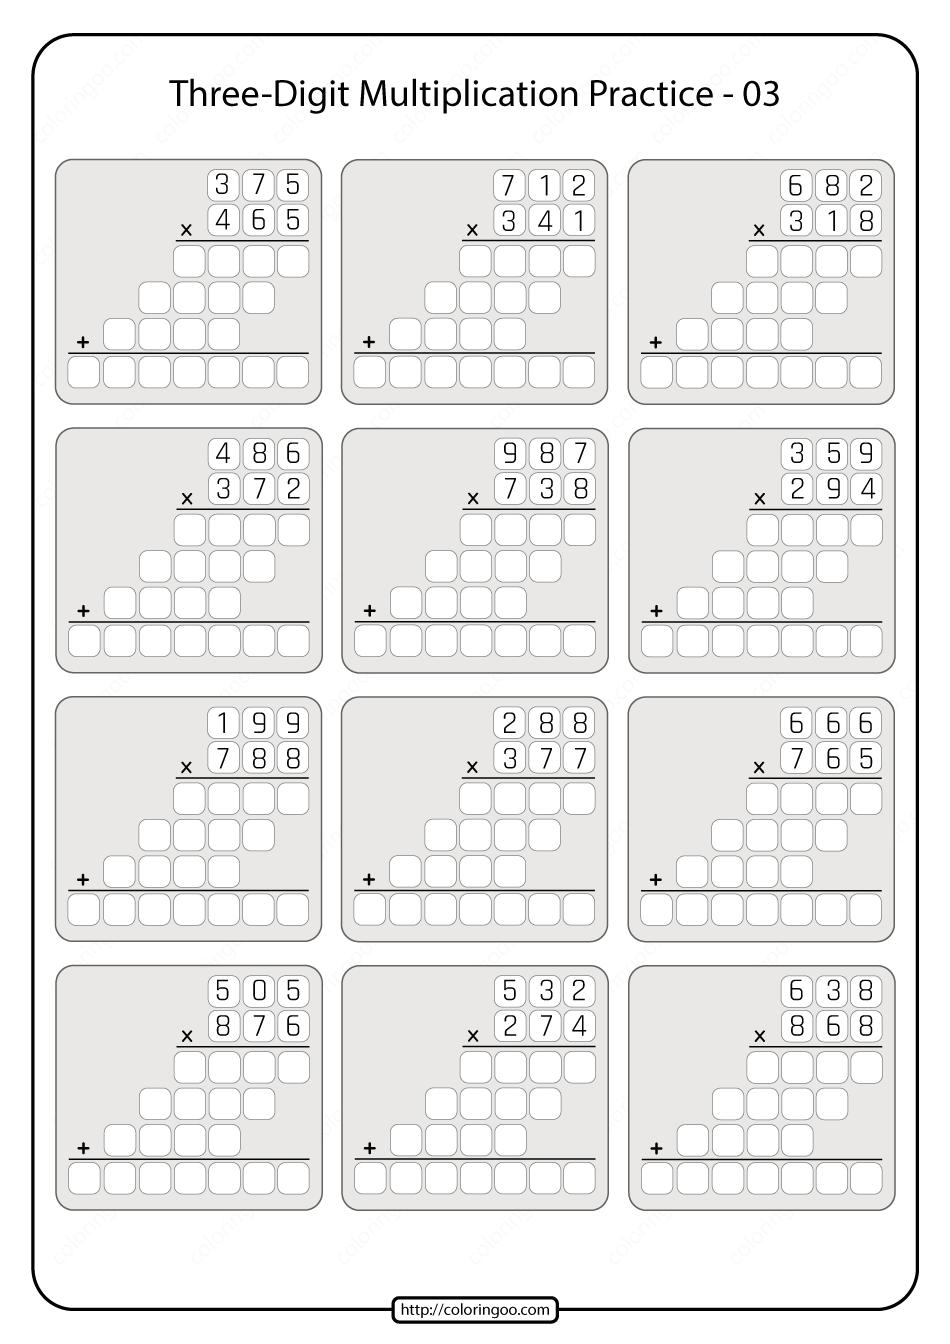 Three-digit Multiplication Practice Worksheet 03